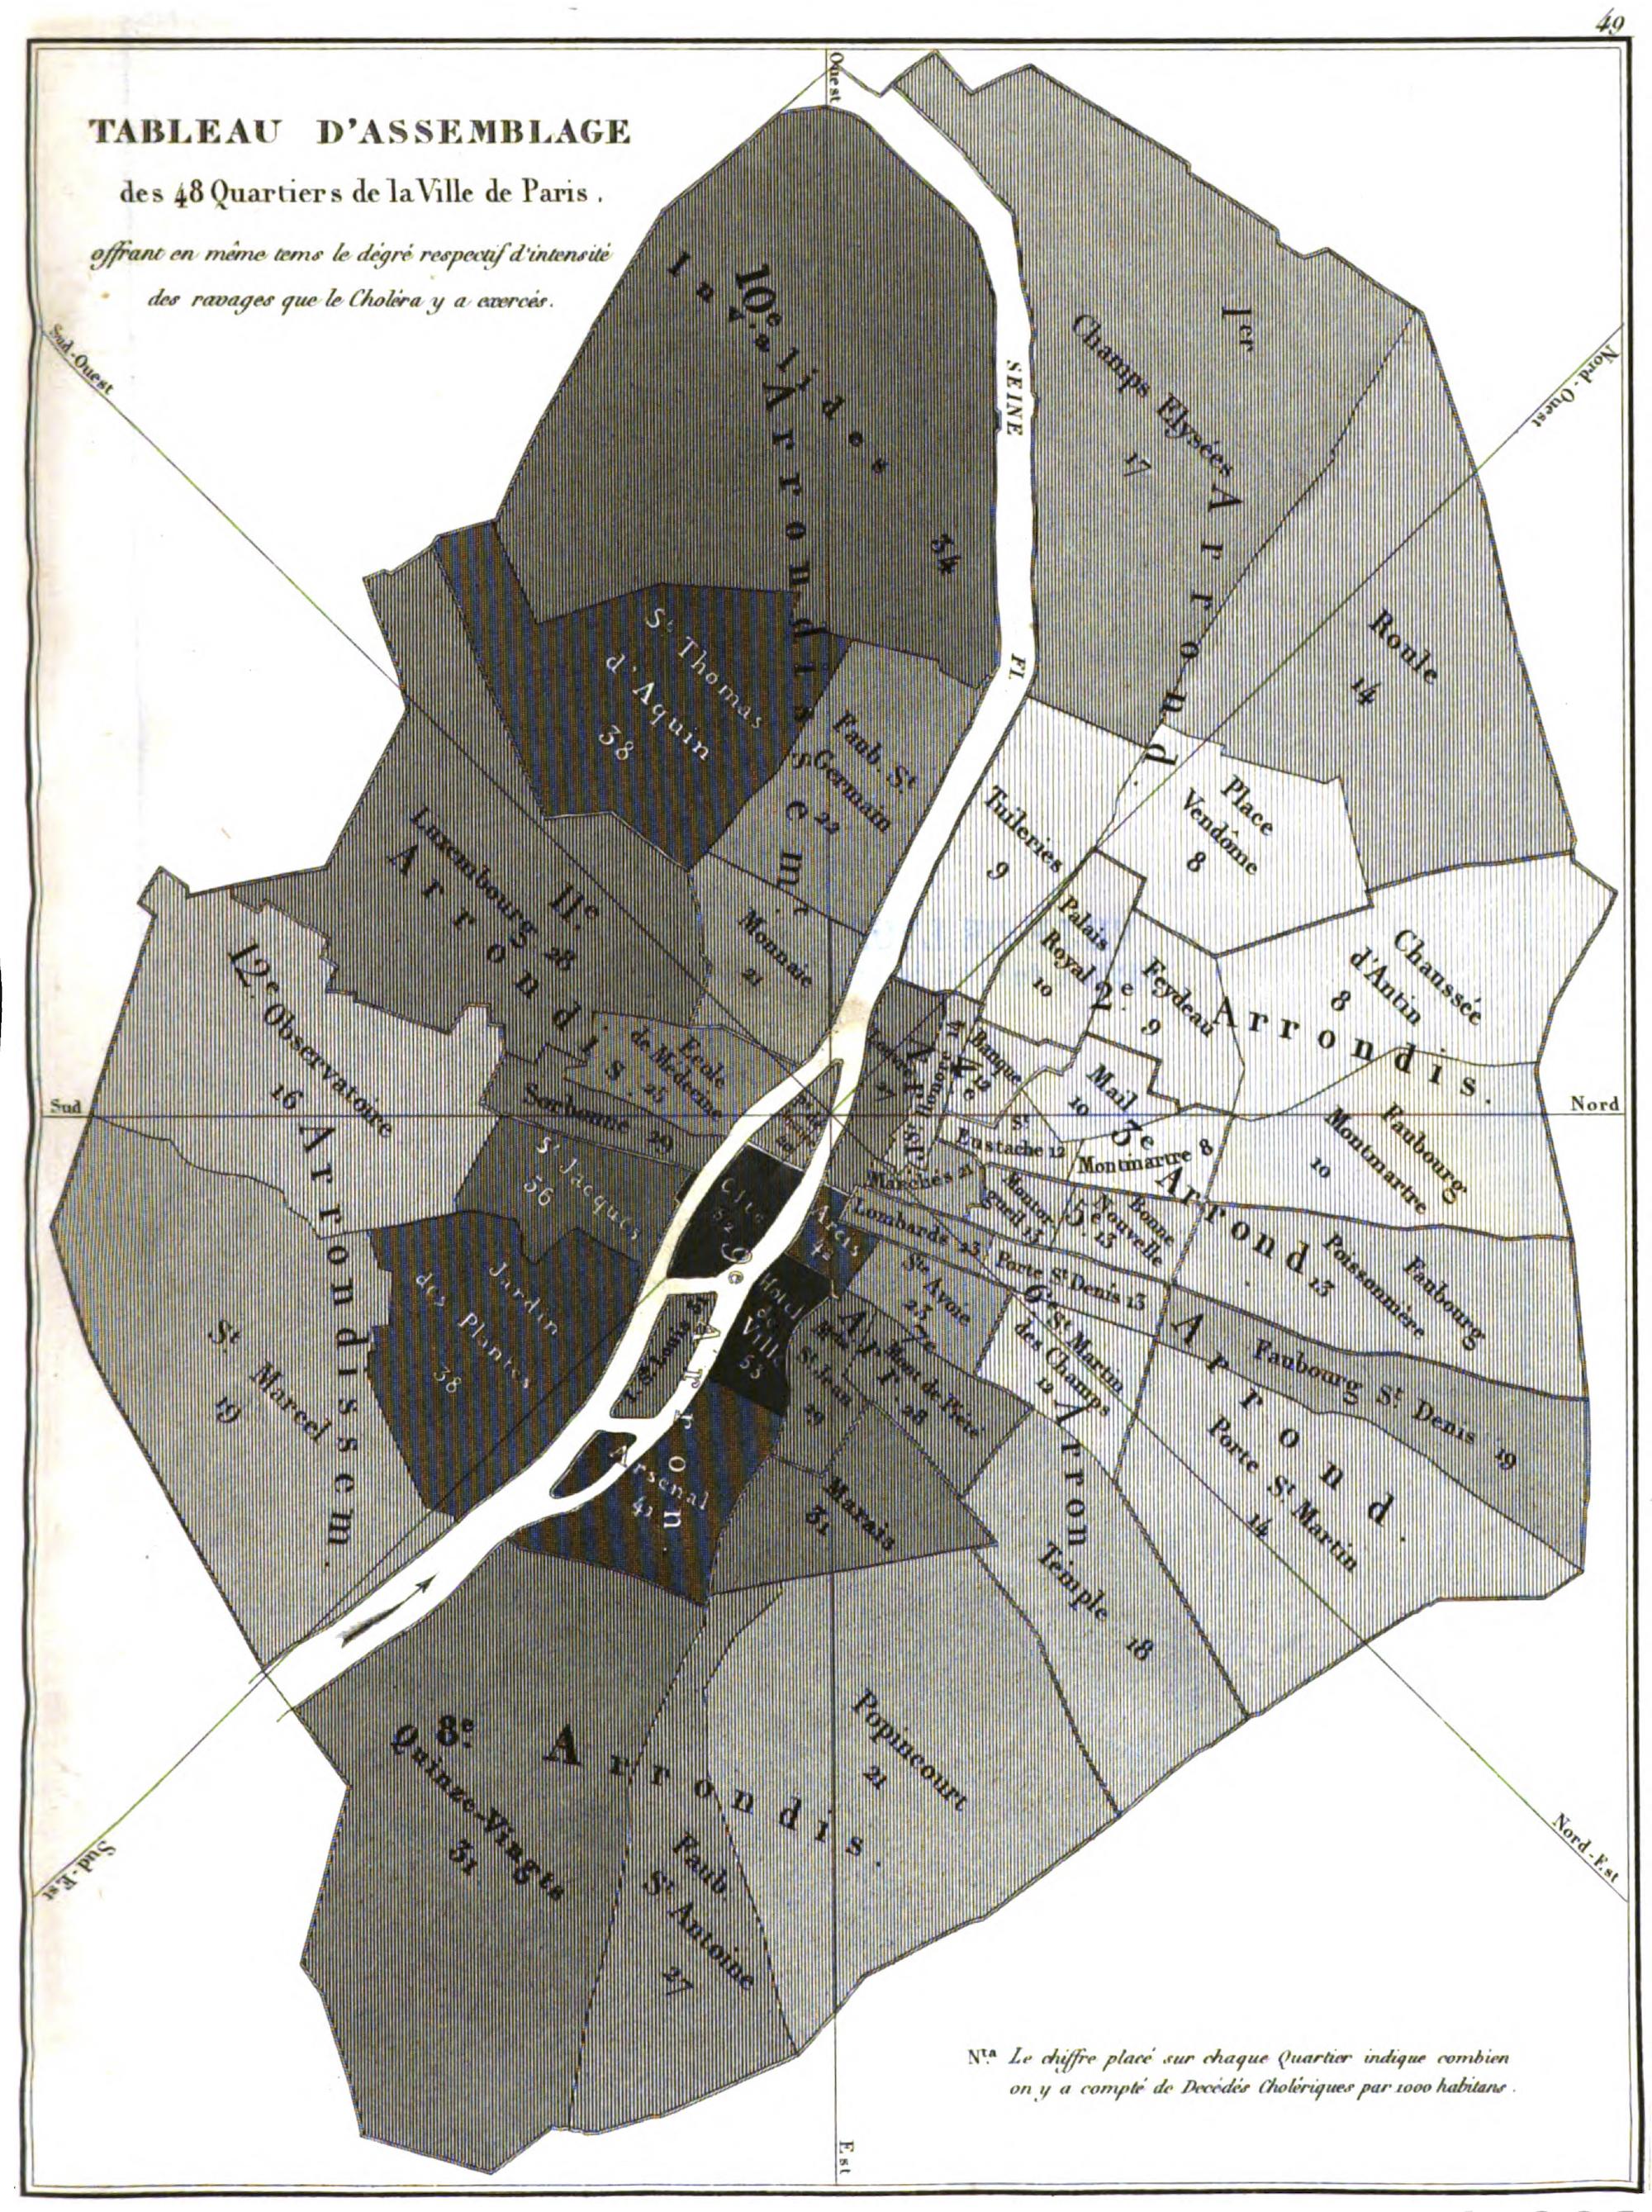 Map of Paris neighborhoods showing the number of cholera deaths per one thousand inhabitants. From <em>Rapport sur la marche et les effets du choléra-morbus dans Paris et les communes rurales du département de la Seine: Année 1832</em>, 1834.